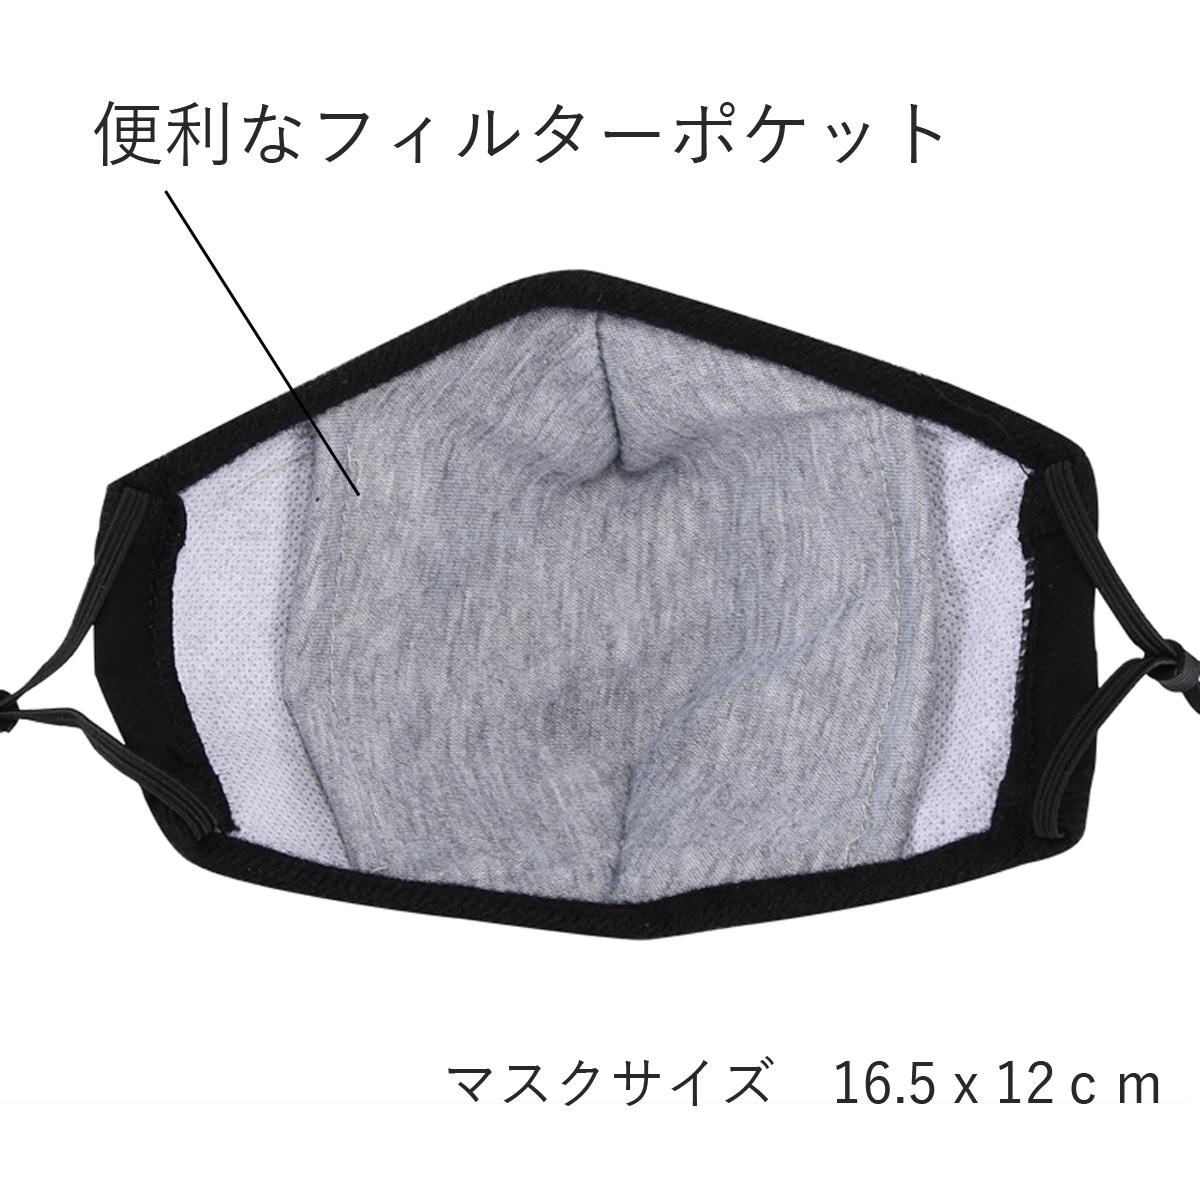 洗える立体マスク 3枚セット